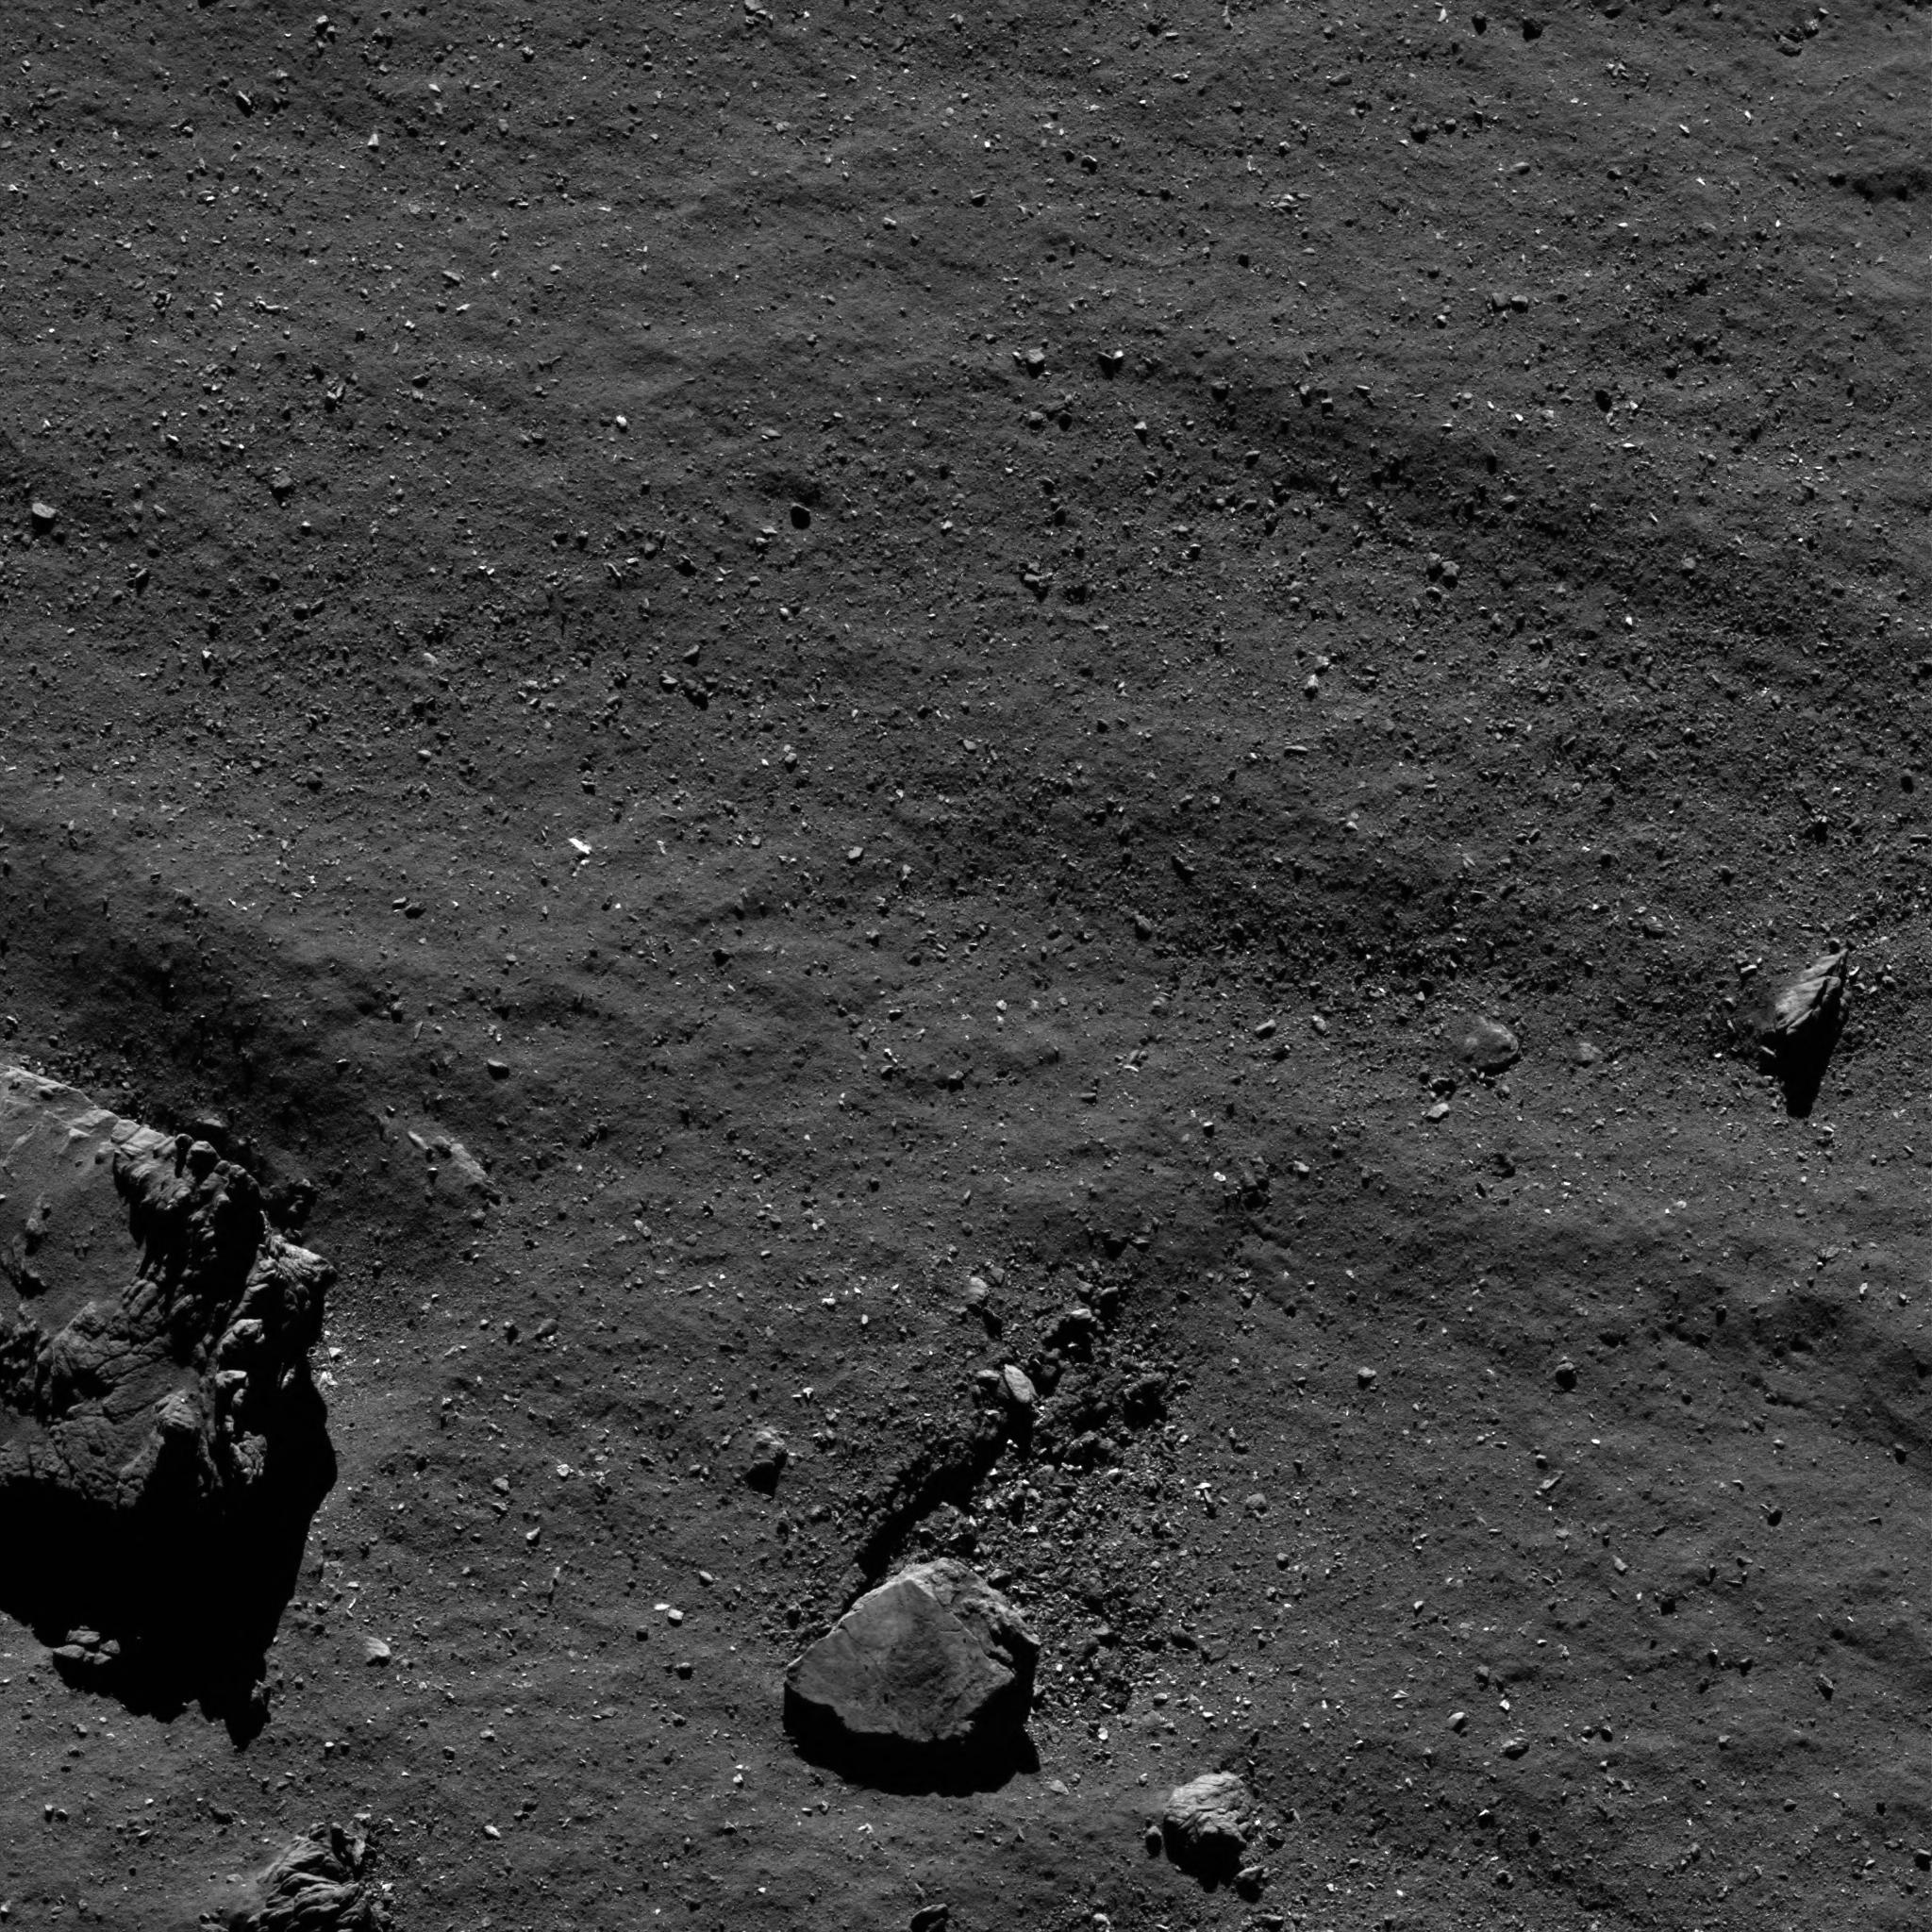 1567213884005-Rosetta_OSIRIS_NAC_20160917T211747_ID20F22.png